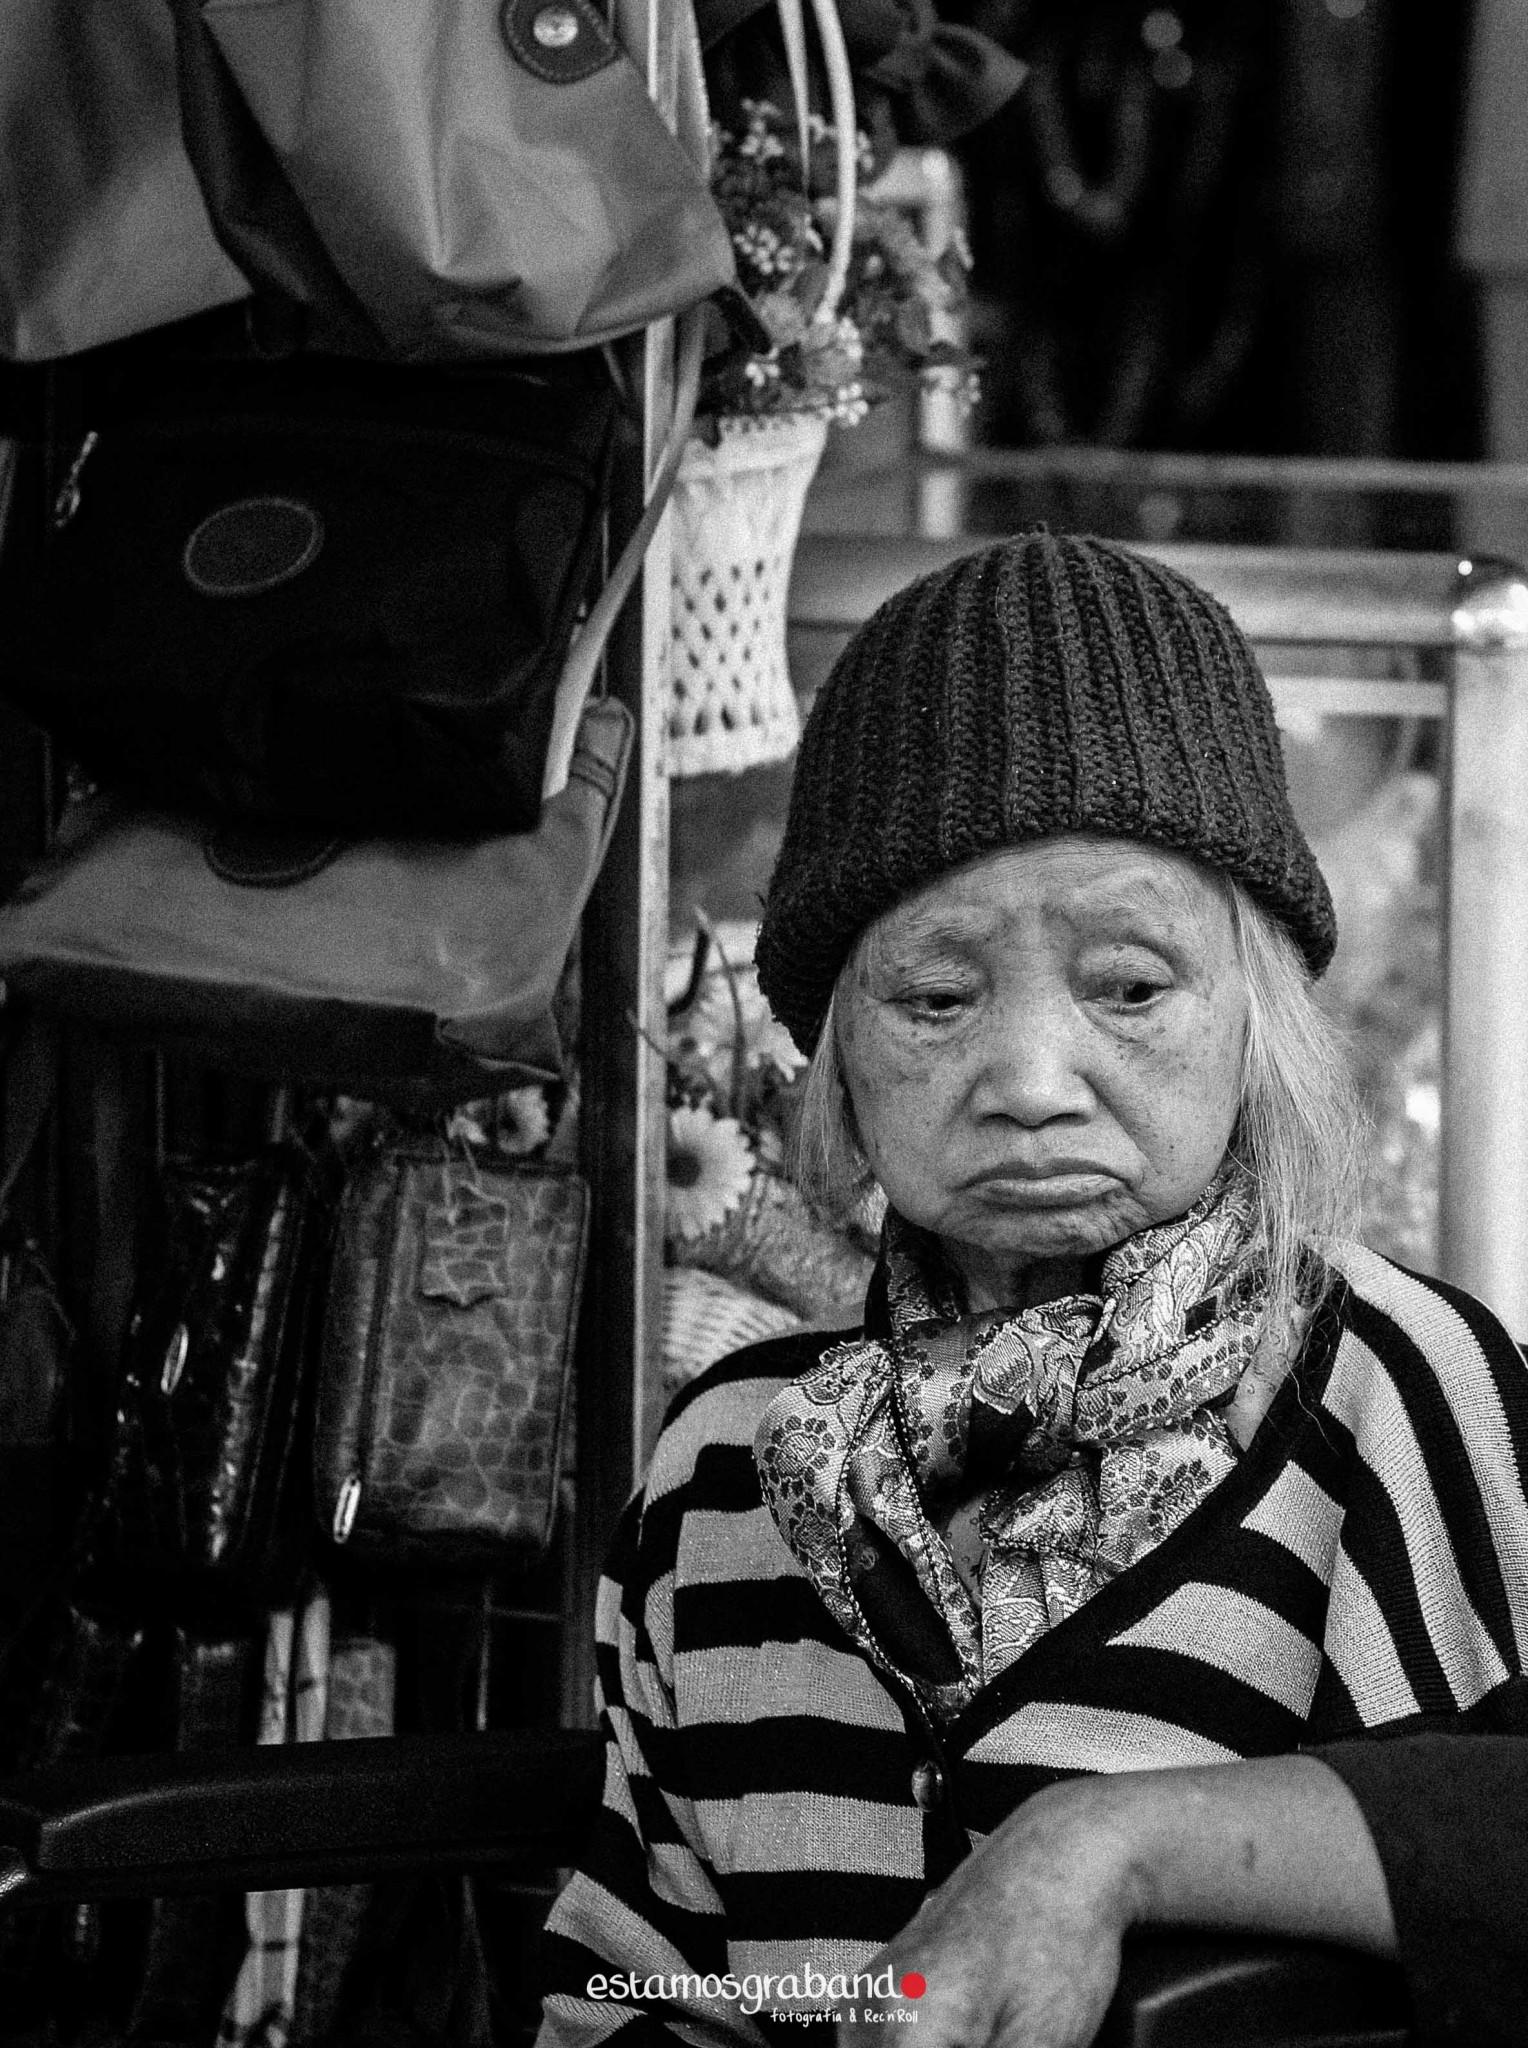 reportaje-vietnam_fotograficc81a-vietnam_estamosgrabando-vietnam_rutasvietnam_reportaje-retratos-fotos-vietnam_fotografia-vietnam_reportaje-estamosgrabando-fotograficc81a-vietnam-73 Pequeños grandes recuerdos de Vietnam en 100 imágenes - video boda cadiz